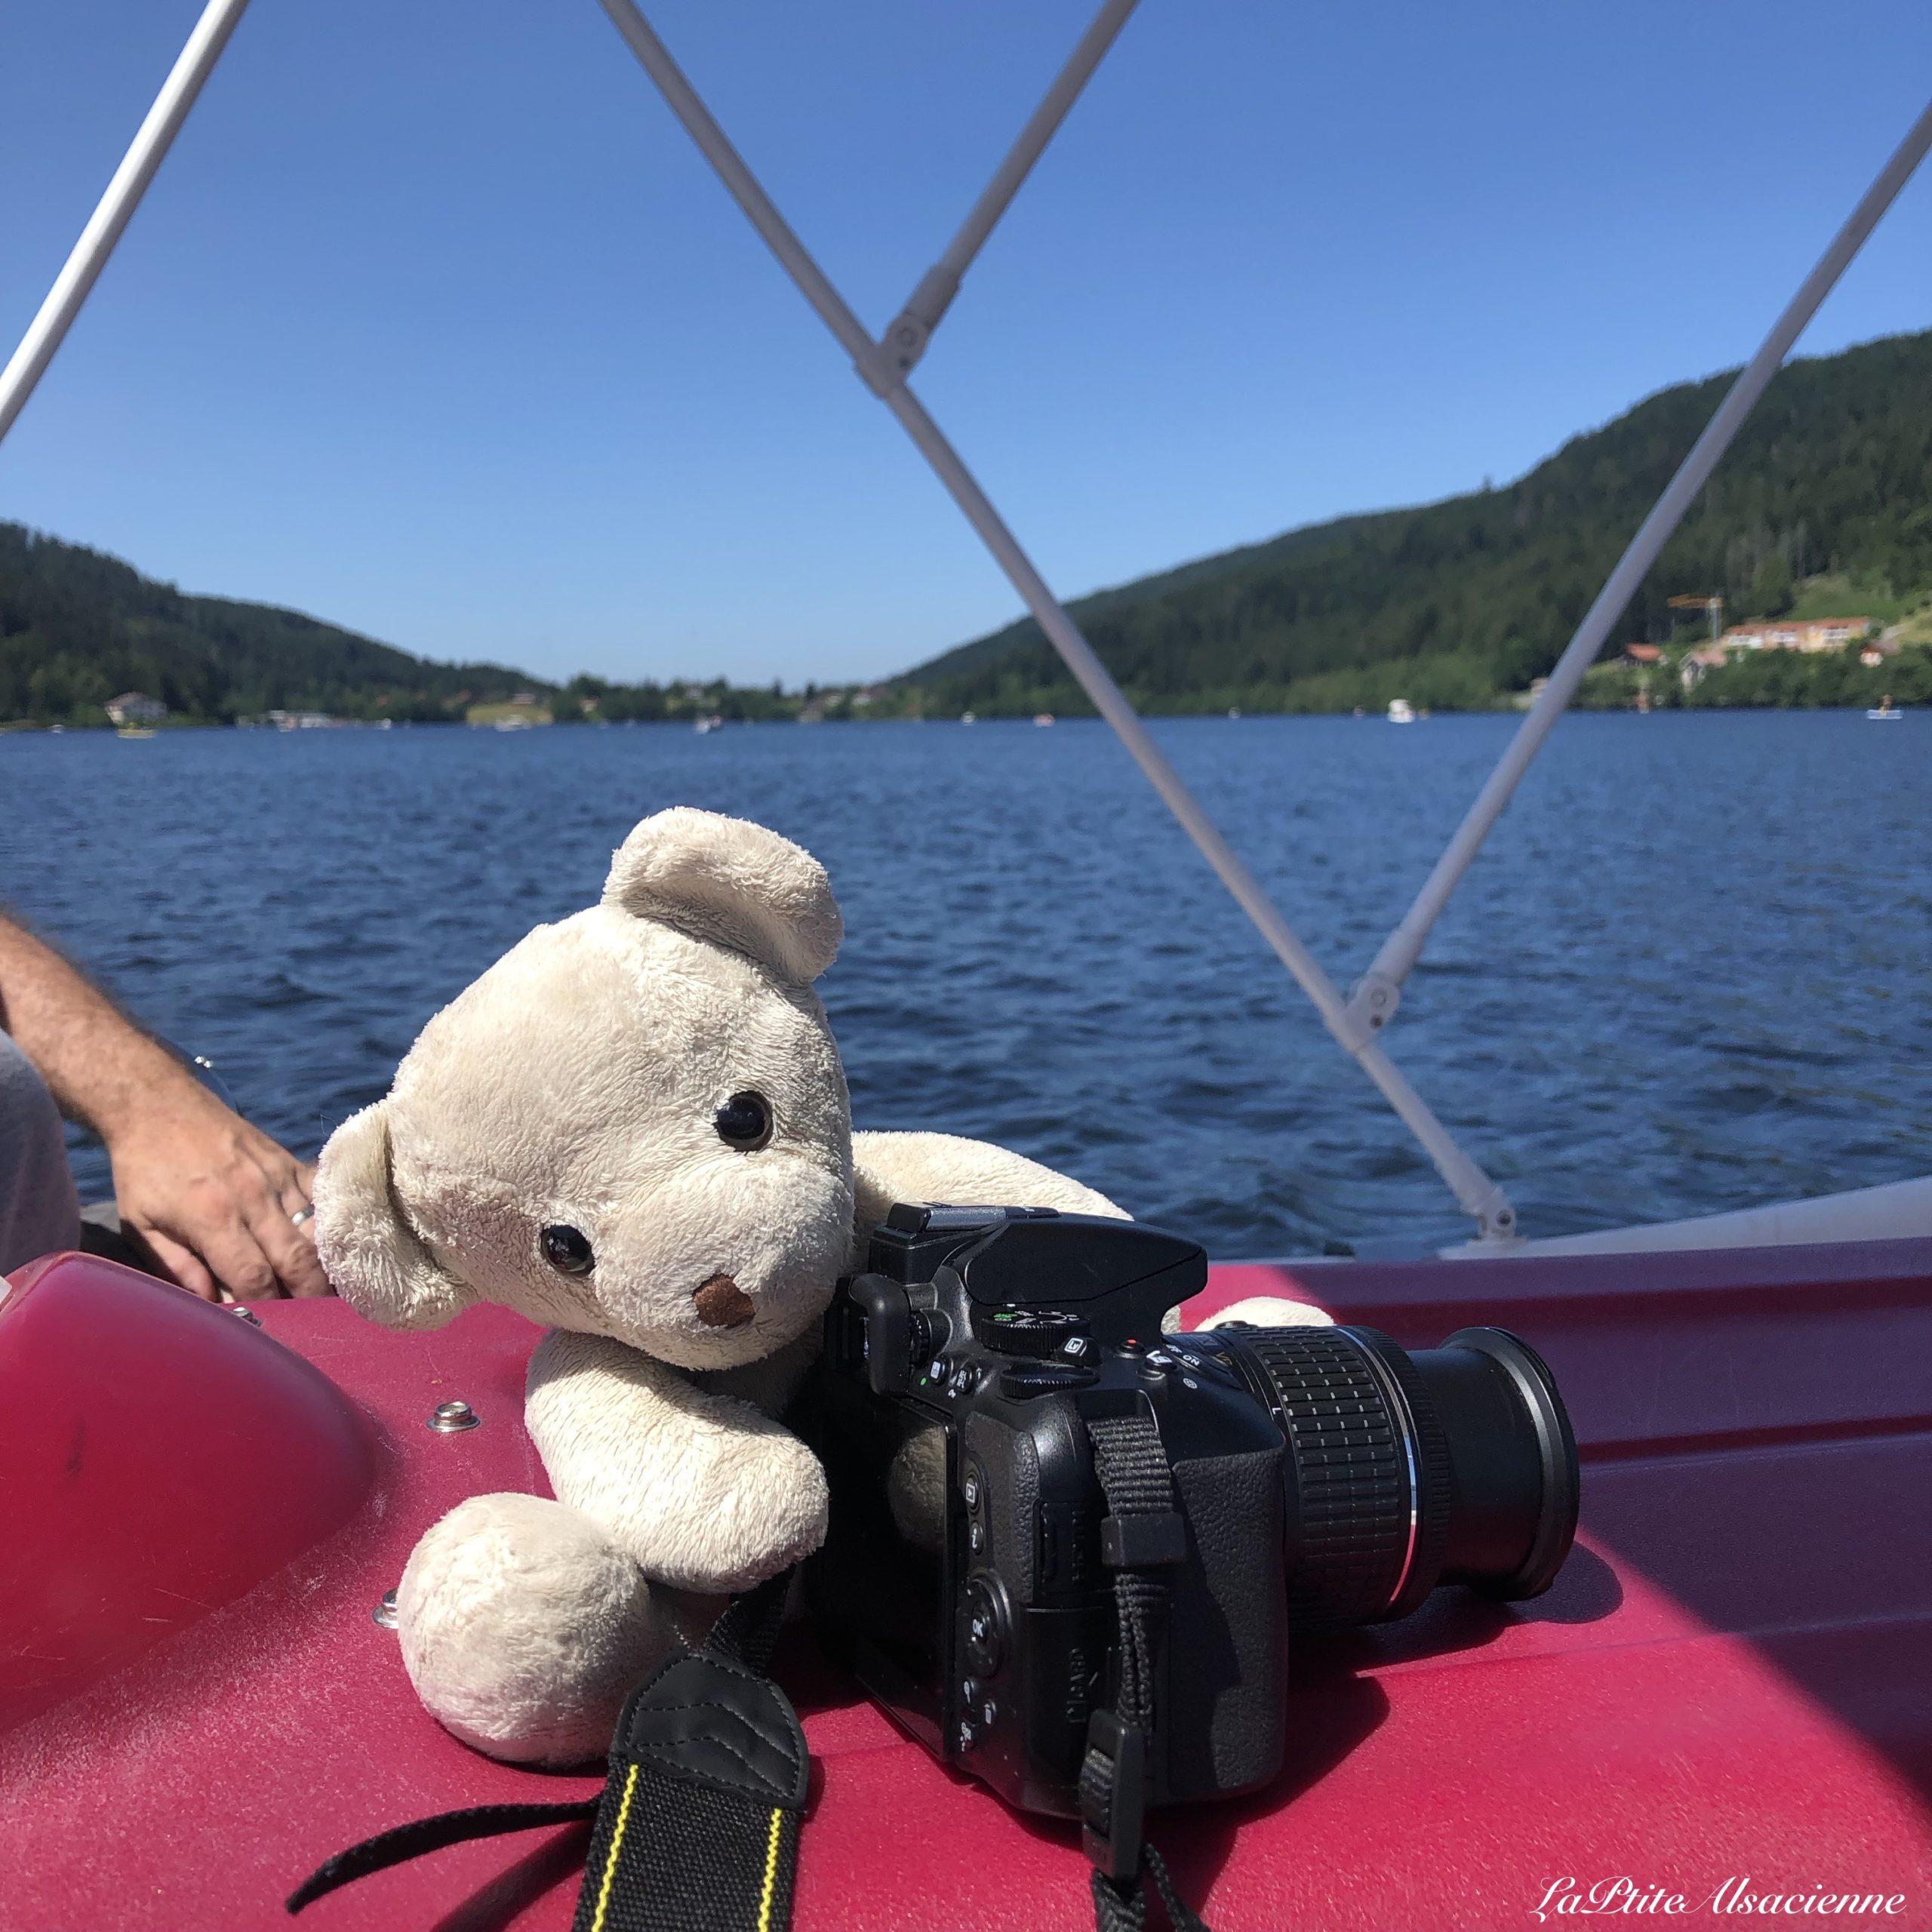 Doudou Sans Nom au lac de Gérardmer. Photo de Cendrine Miesch dite LaPtiteAlsacienne